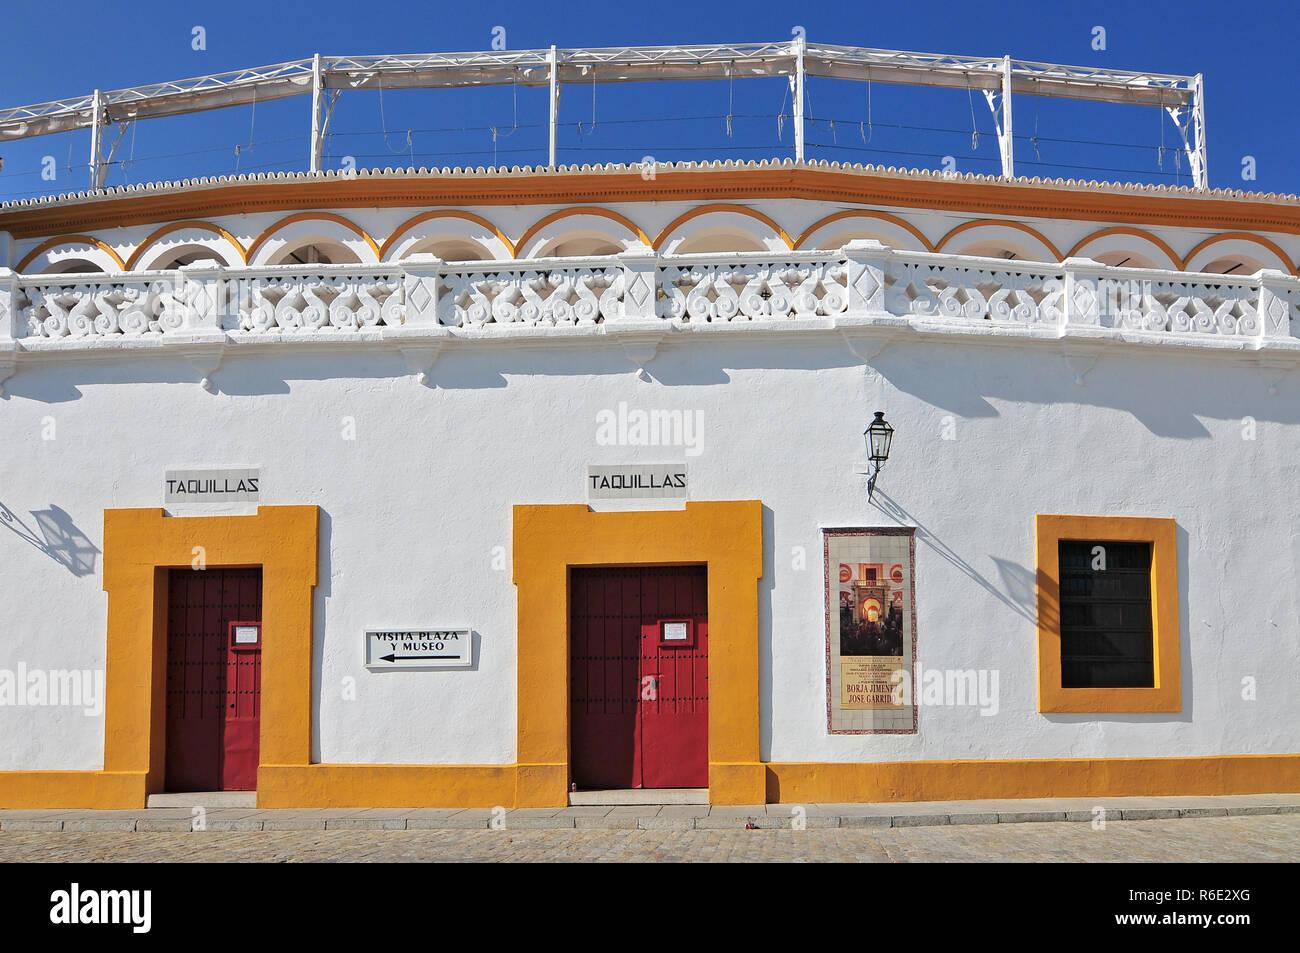 Spain, Andalusia, Sevilla, Plaza De Toros De La Real Maestranza De Caballeria De Sevilla, The Baroque Facade Of The Bullring Stock Photo